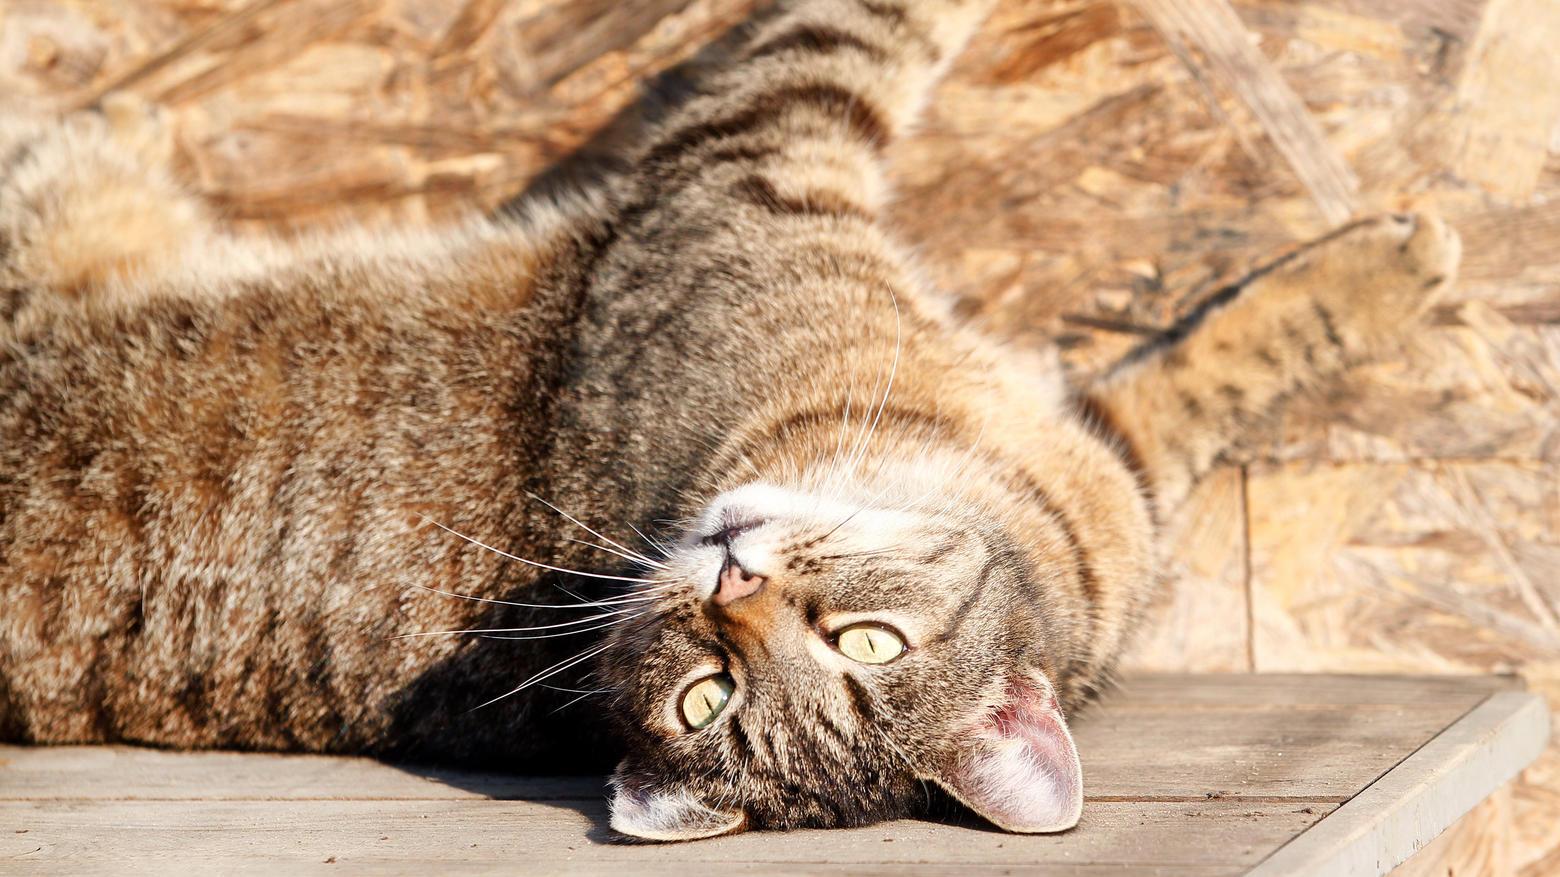 Alles zum Thema Katzen | RTL.de